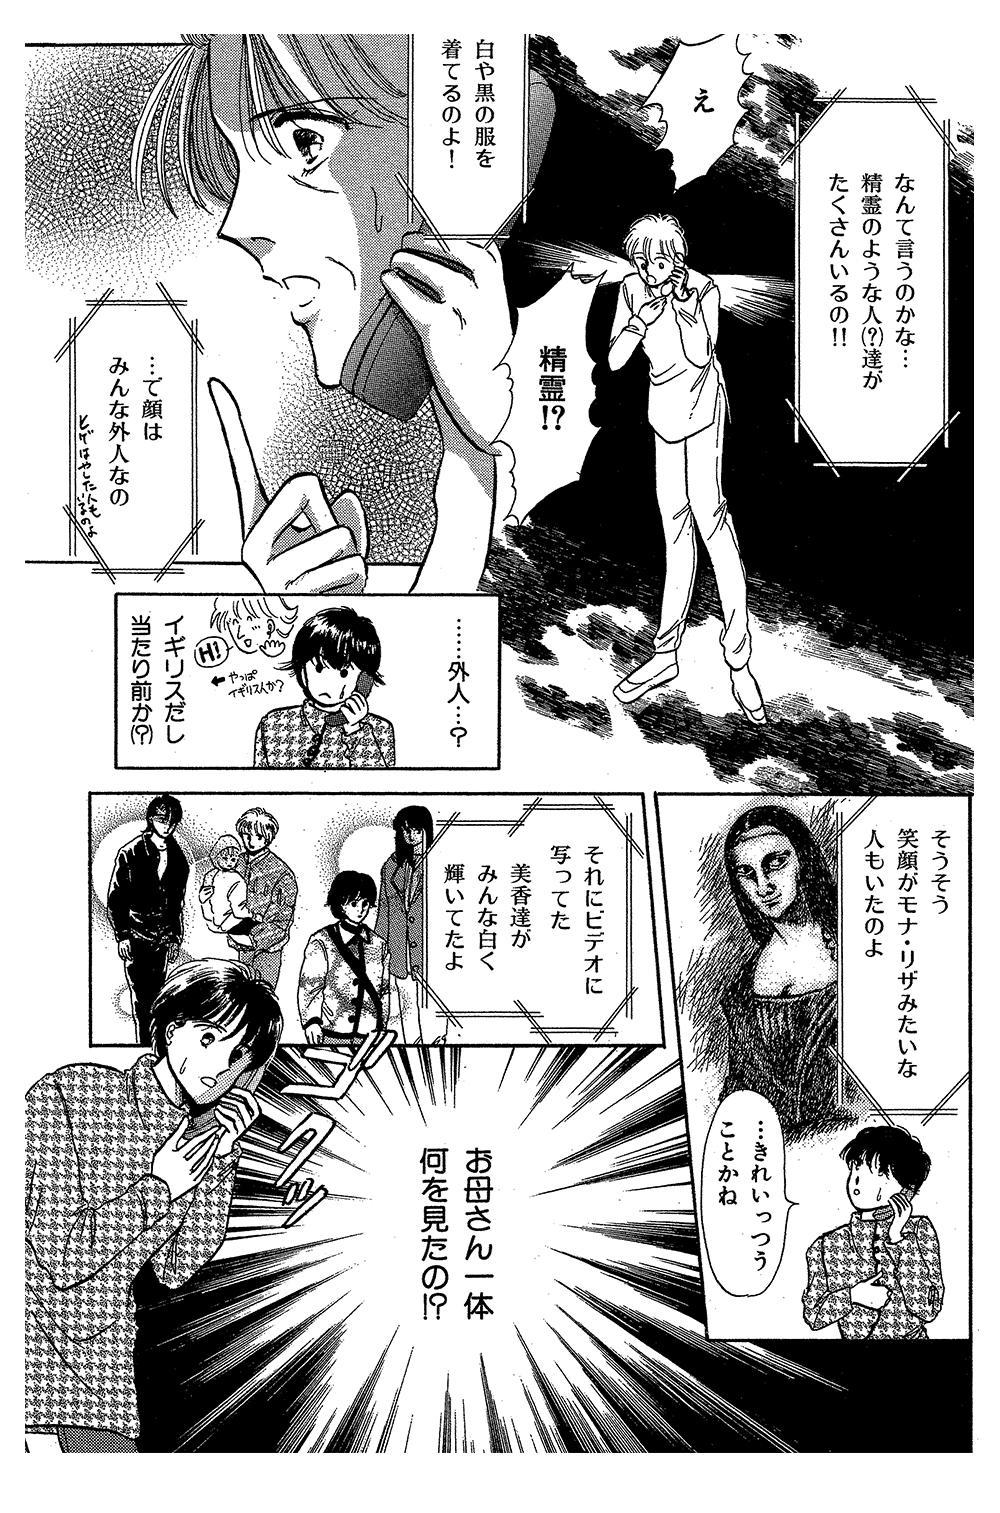 霊感ママシリーズ 第3話「英国ミステリーツアー」③reikanmama-02-91.jpg